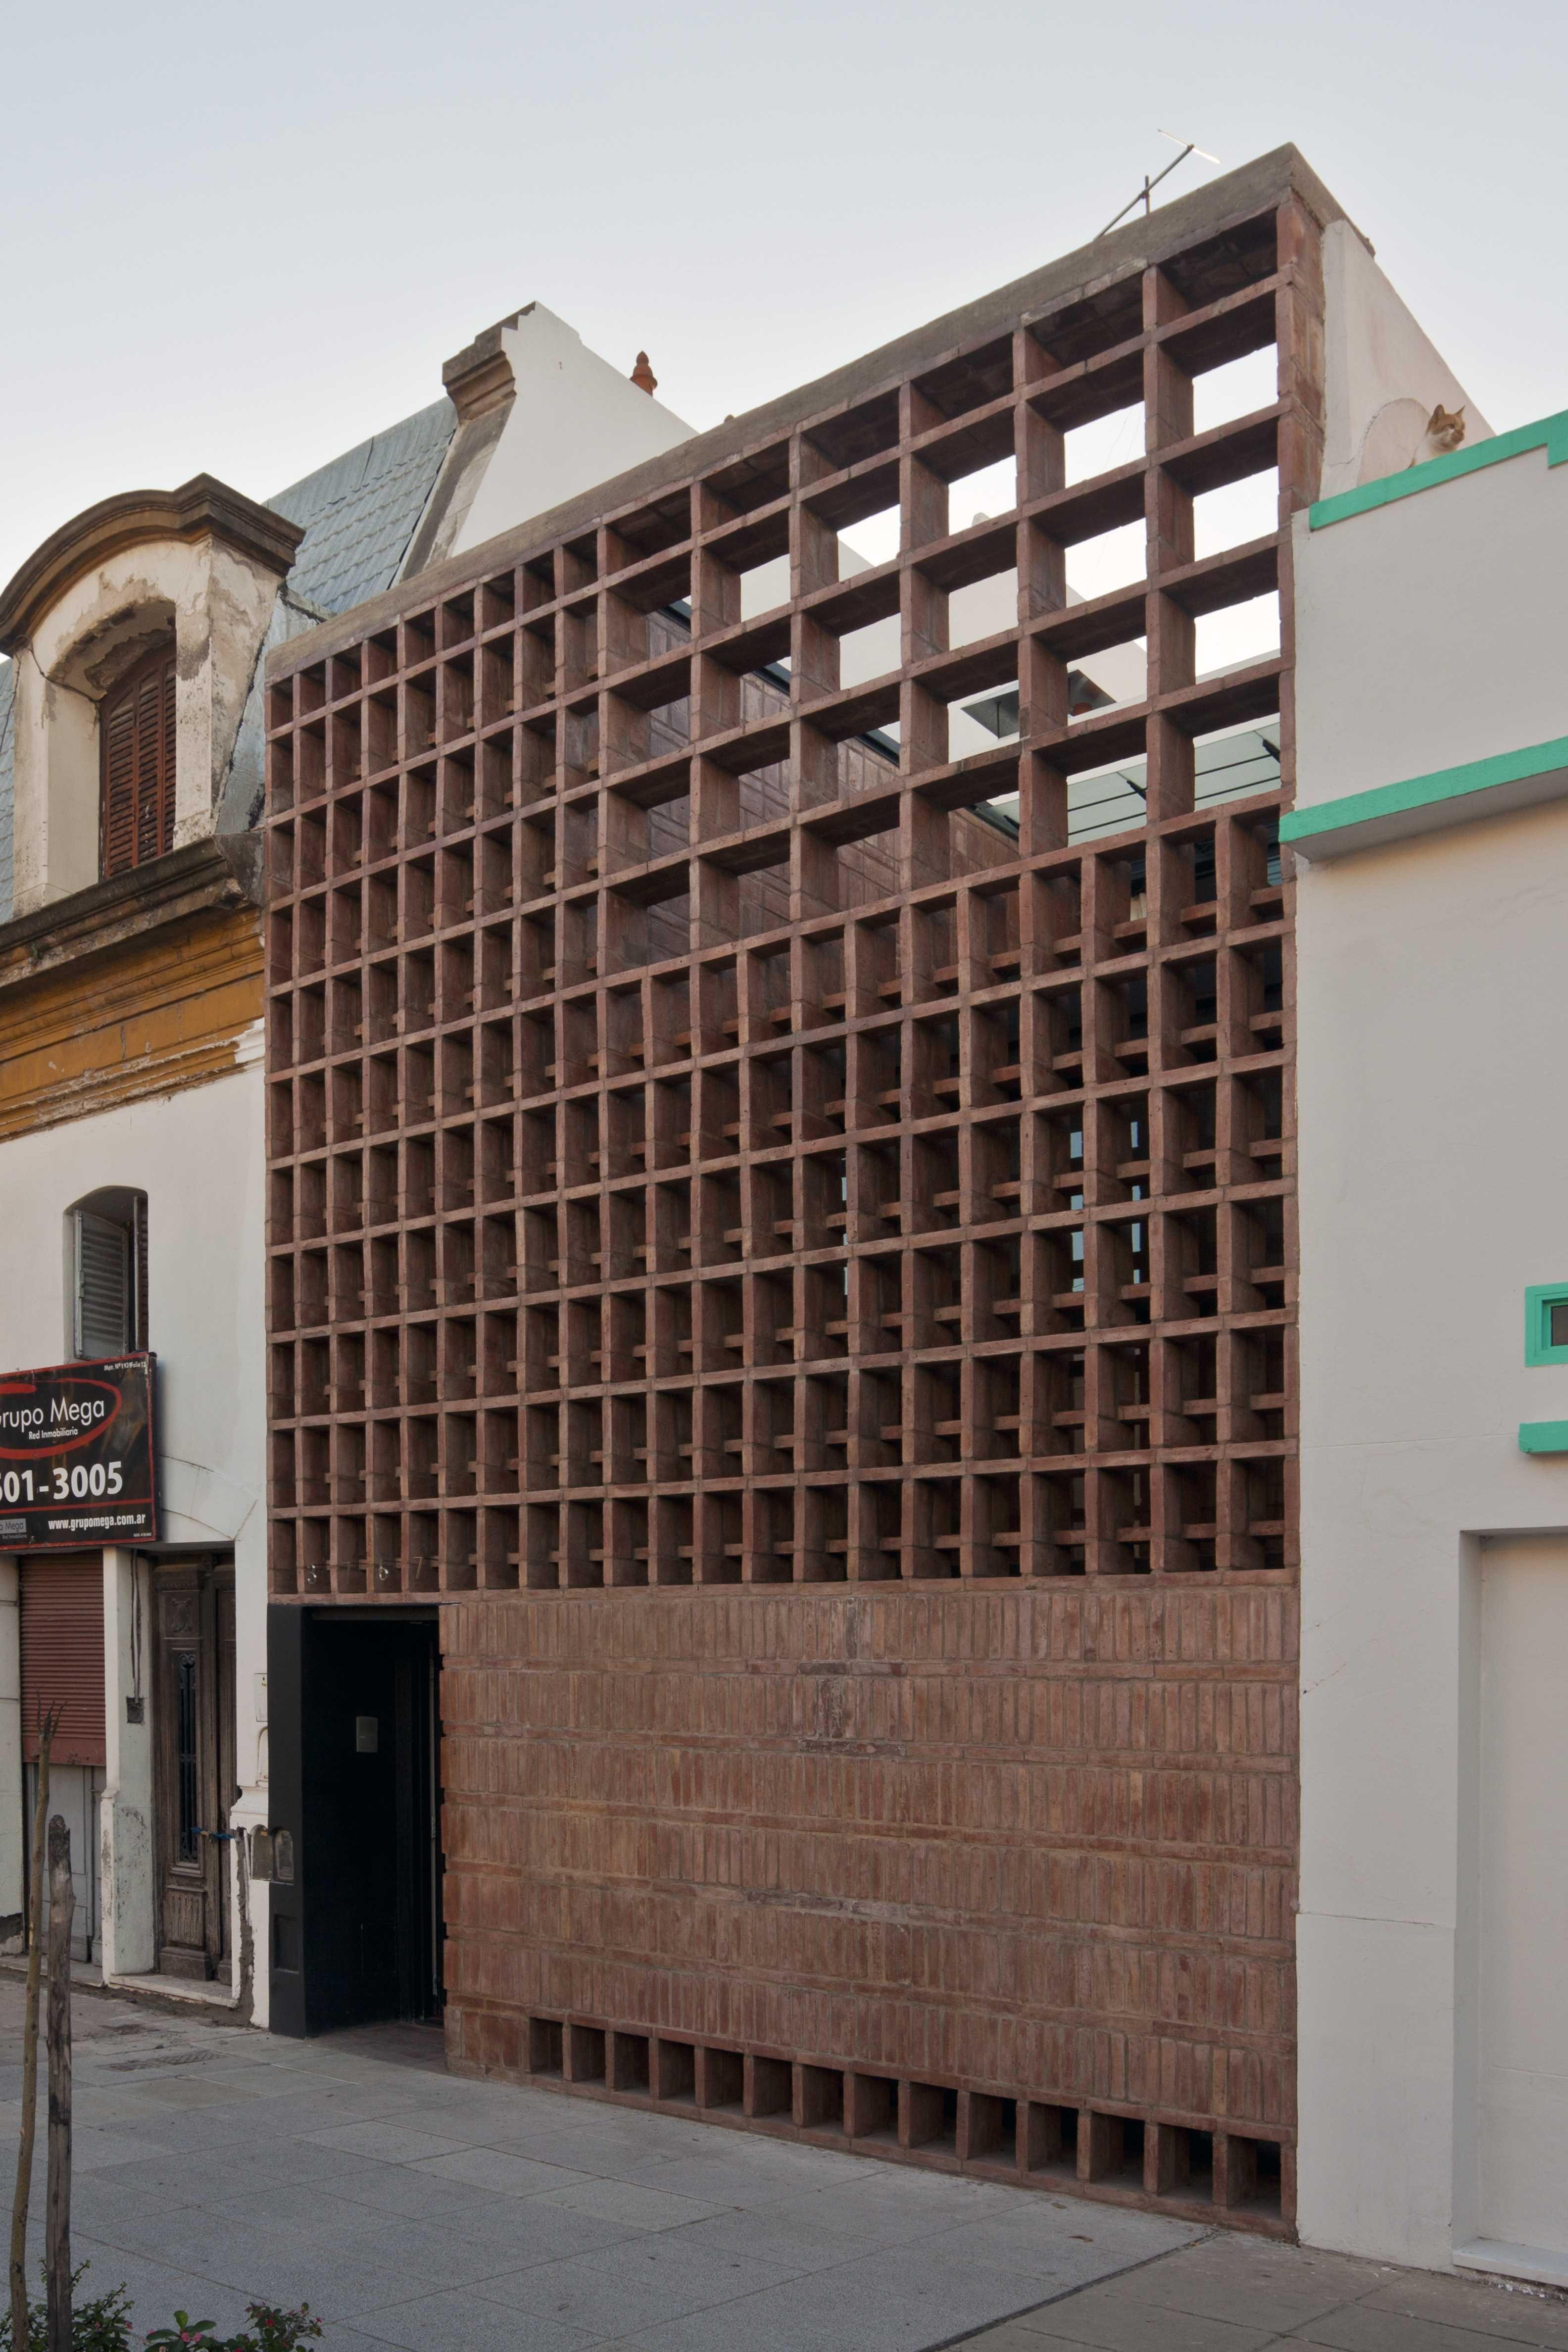 ladrillos arquitectura argentina - Google Search